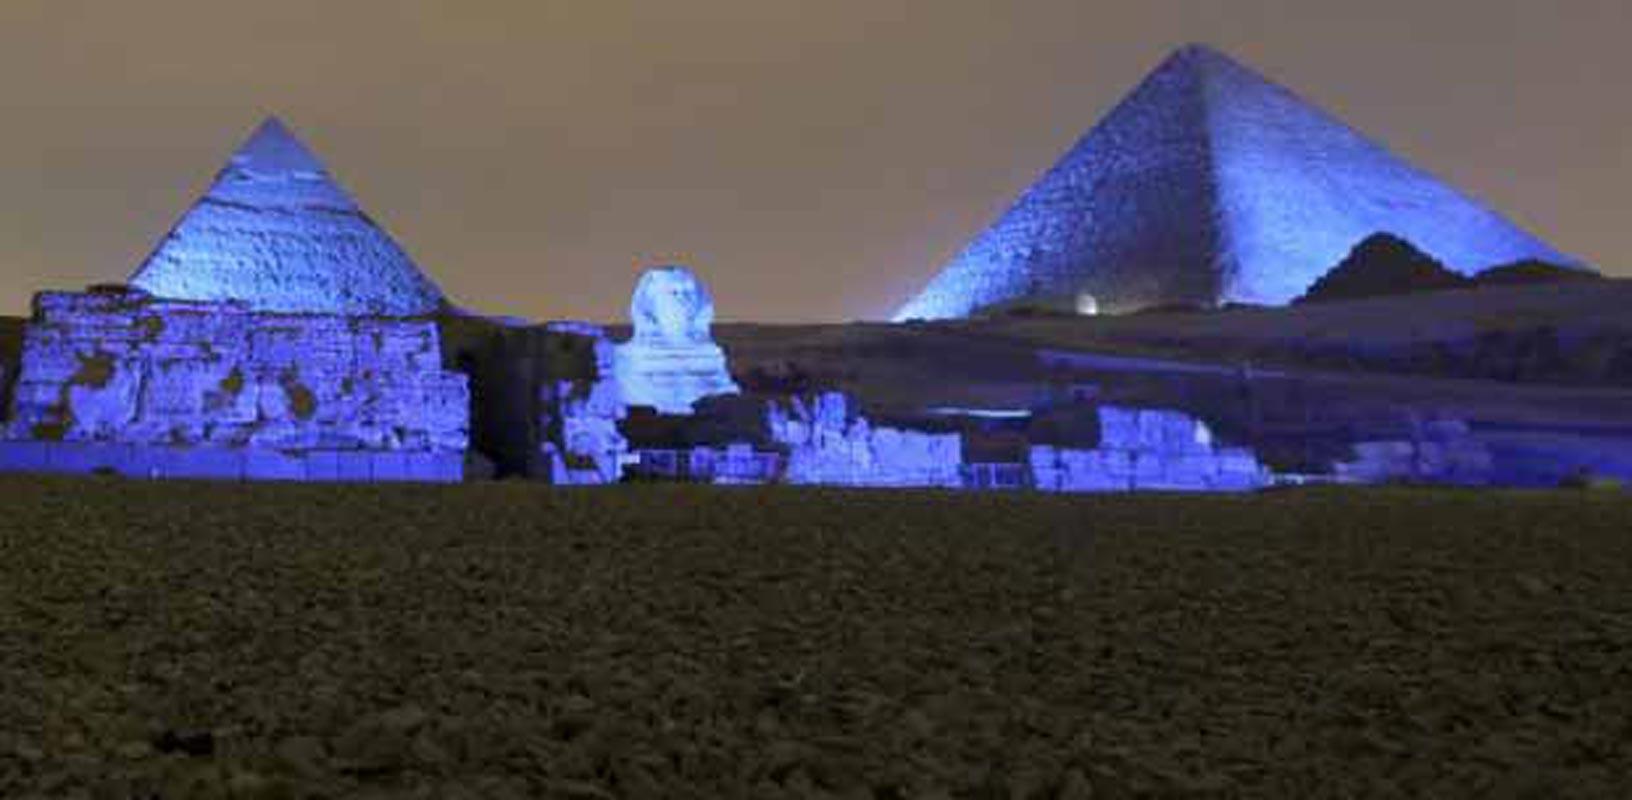 Égypte : les scientifiques veulent percer les